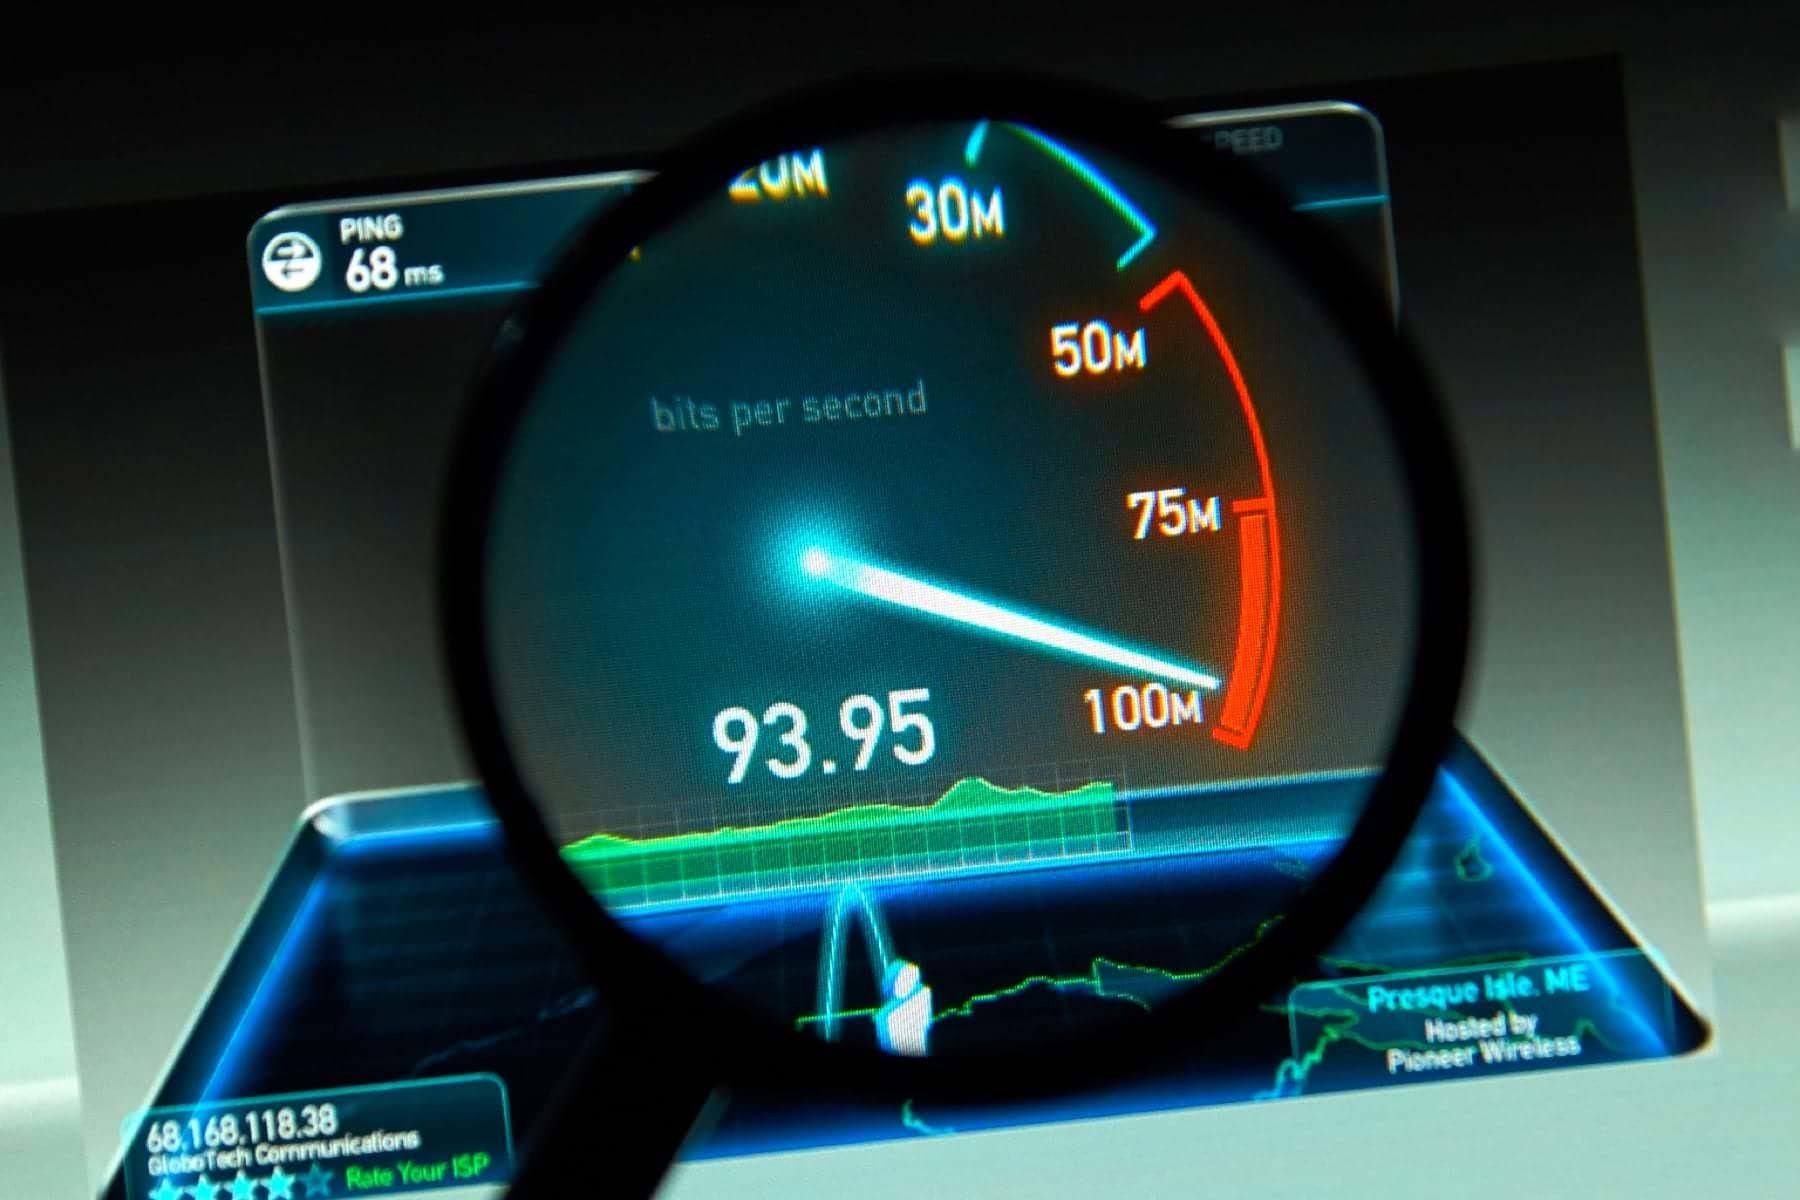 Стало известно на каком месте находится Россия в рейтинге стран по скорости проводного интернета